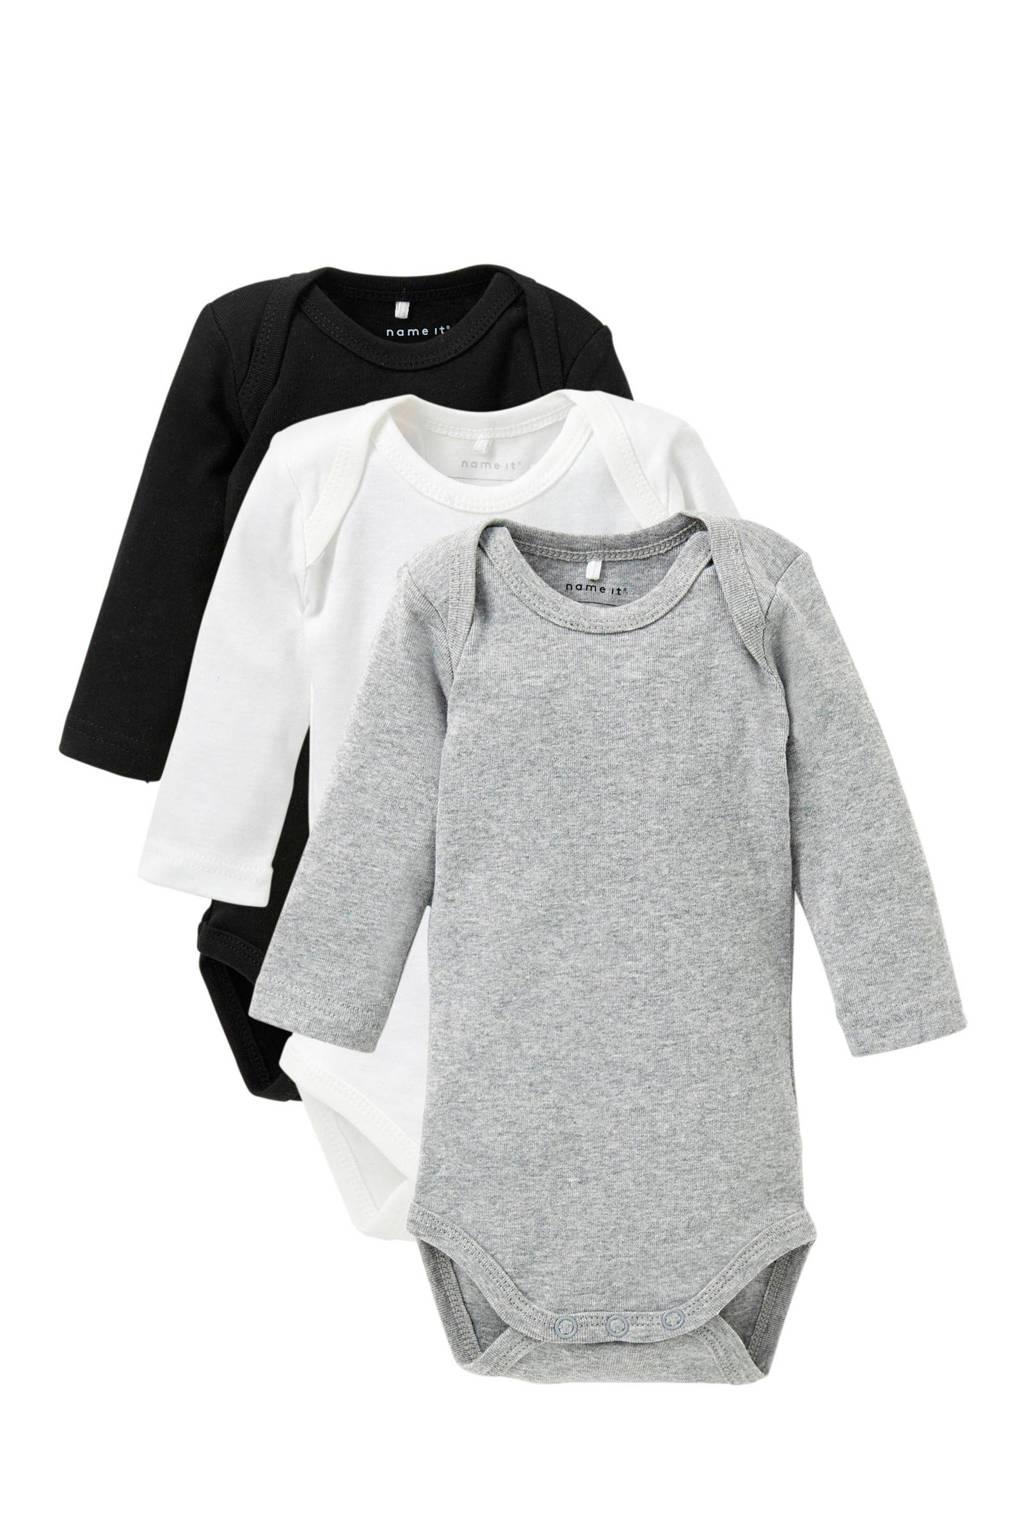 NAME IT BABY newborn baby romper - set van 3, Wit/ grijs/ zwart